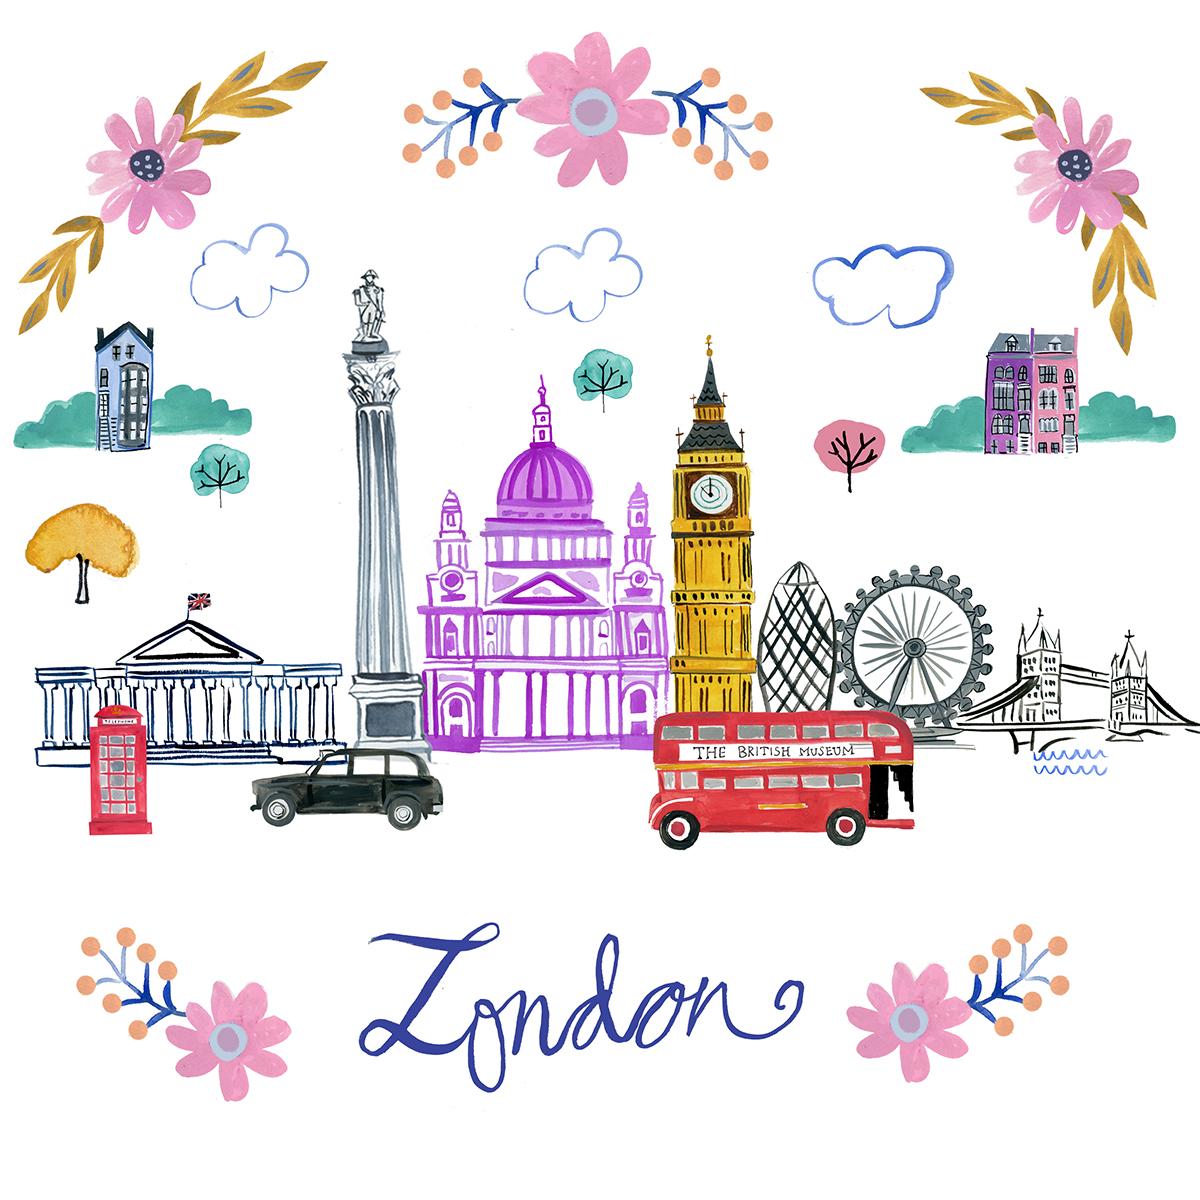 London_Final1.jpg